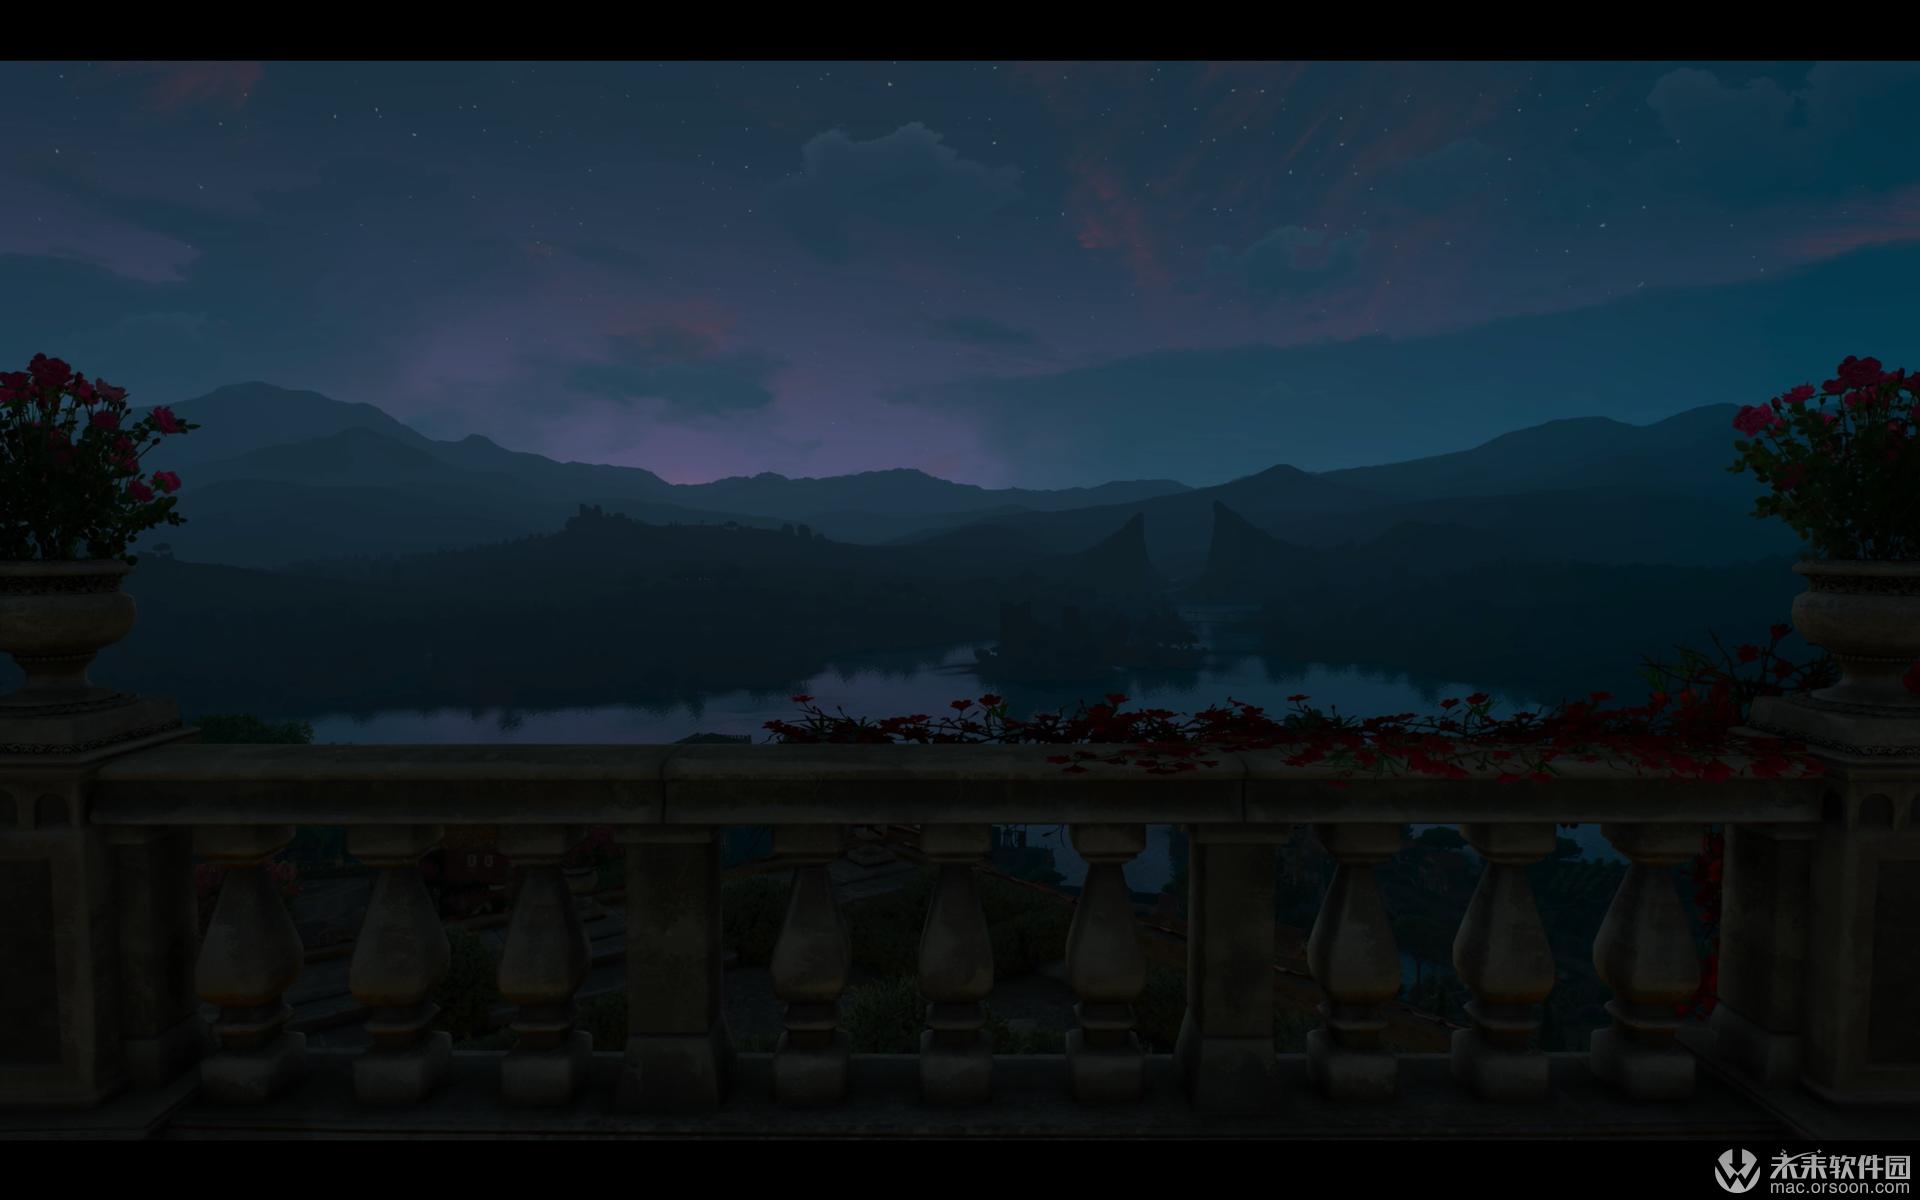 巫师3图森特游戏高清动态壁纸